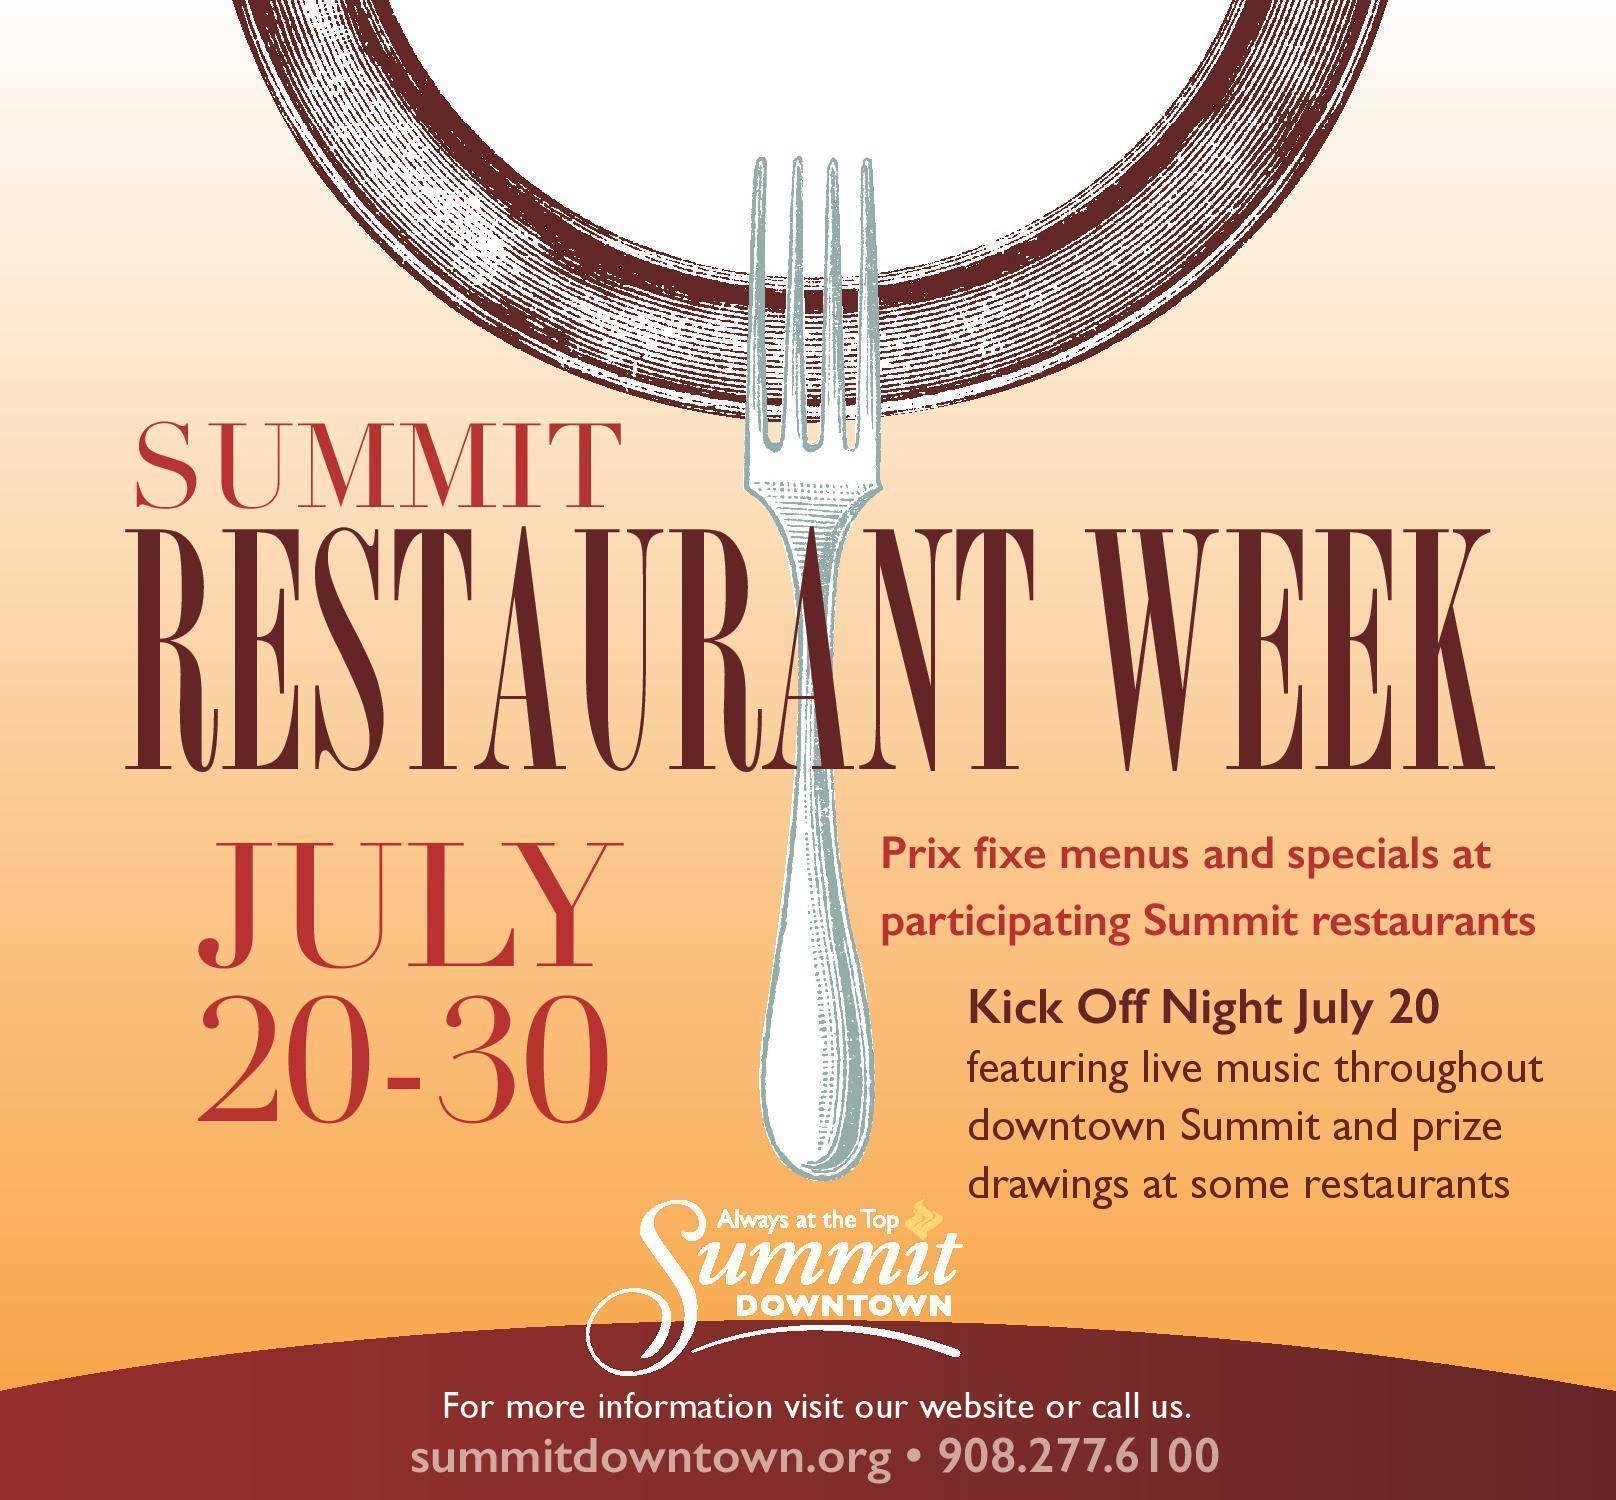 e3579a51d1dbeefe31a9_e6c57e039bea2779bdec_Summit_Restaurant_Week_graphic.jpg